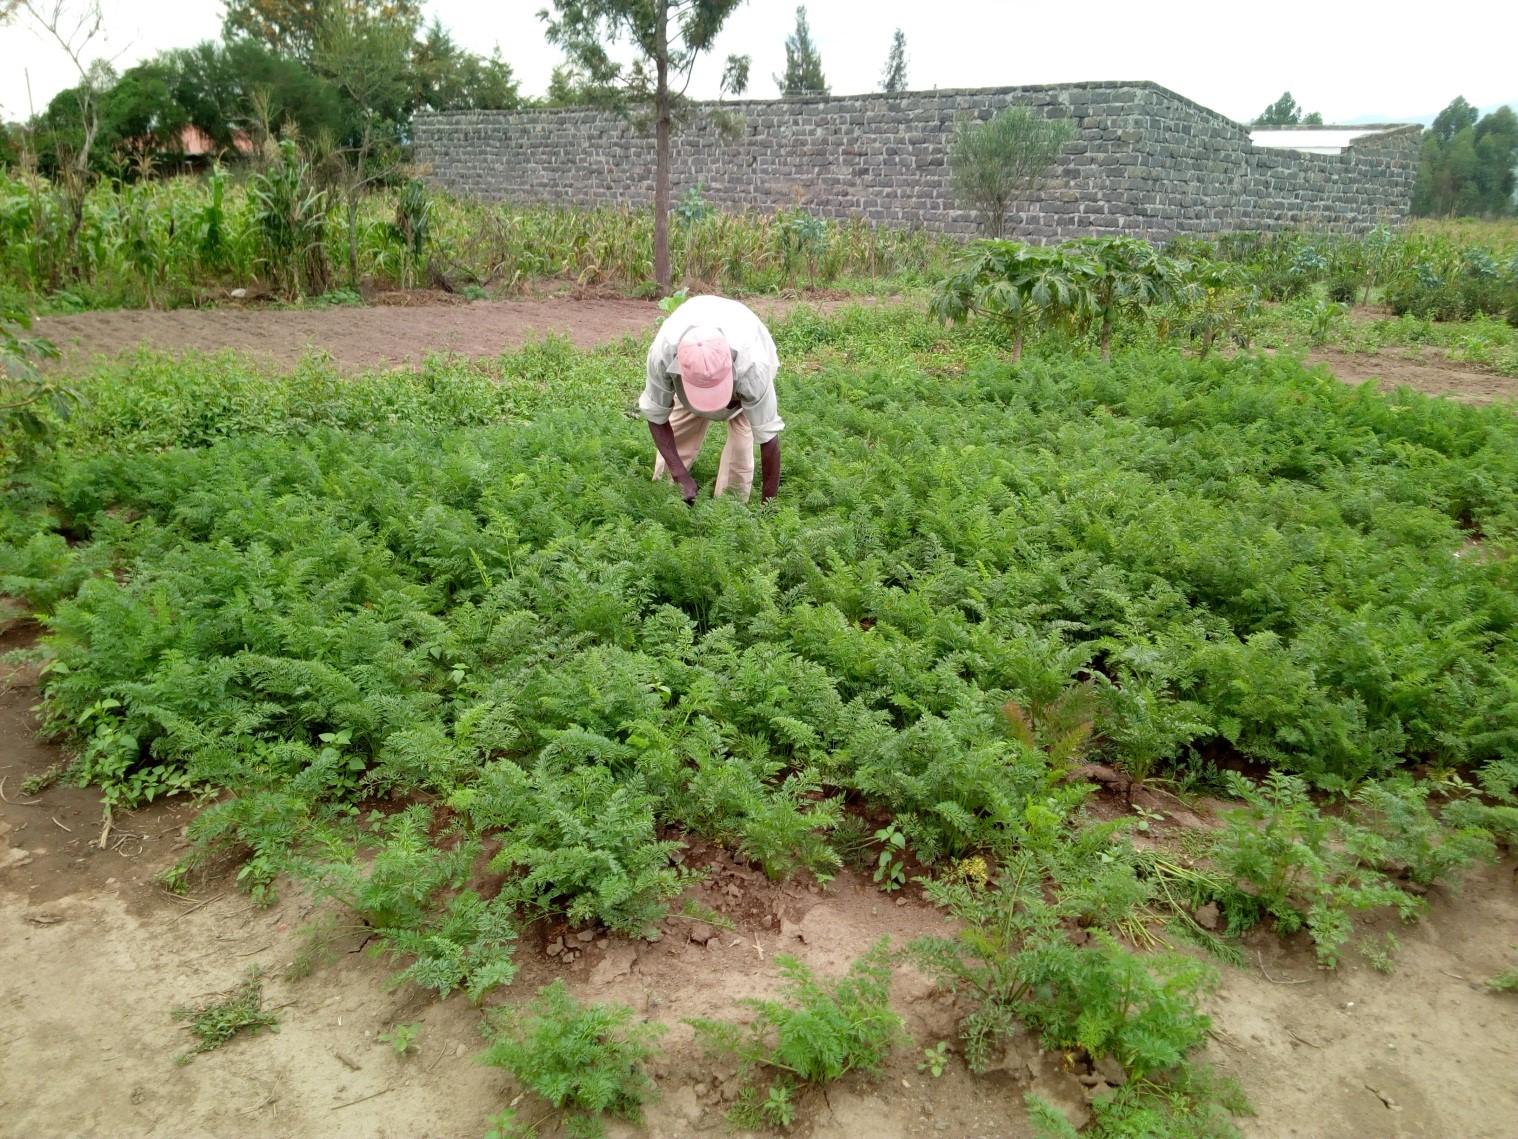 Garden of Curtis (Mbaruk near Laikipia University)